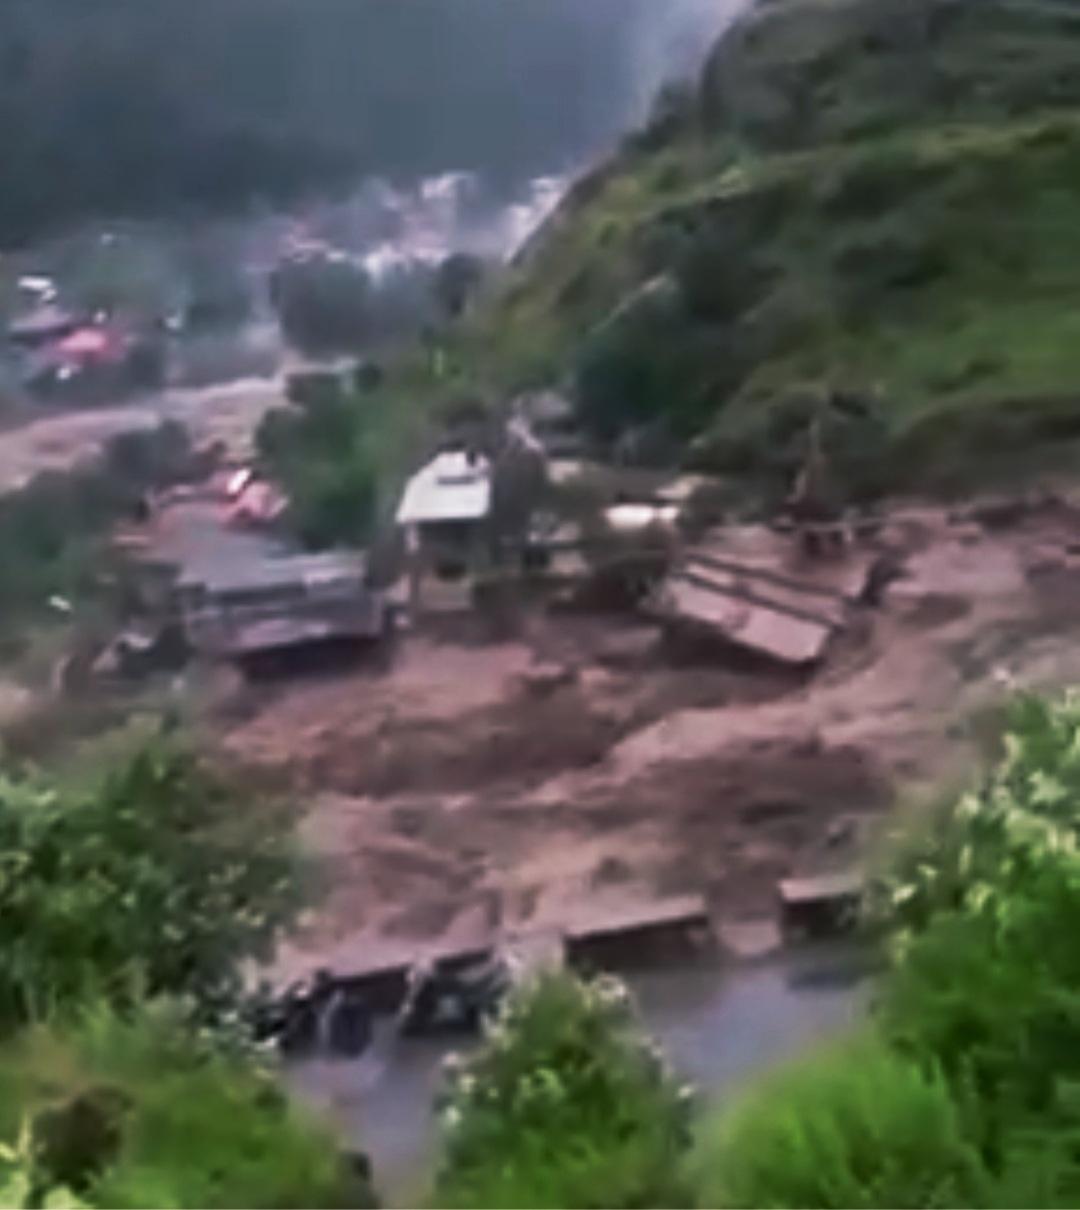 लाहौल स्पीति में कुदरत का कहर, 10 लोग लापता 2 शव बरामद, NDRF बुलाई स्थानीय प्रशासन बचाव में जुटा